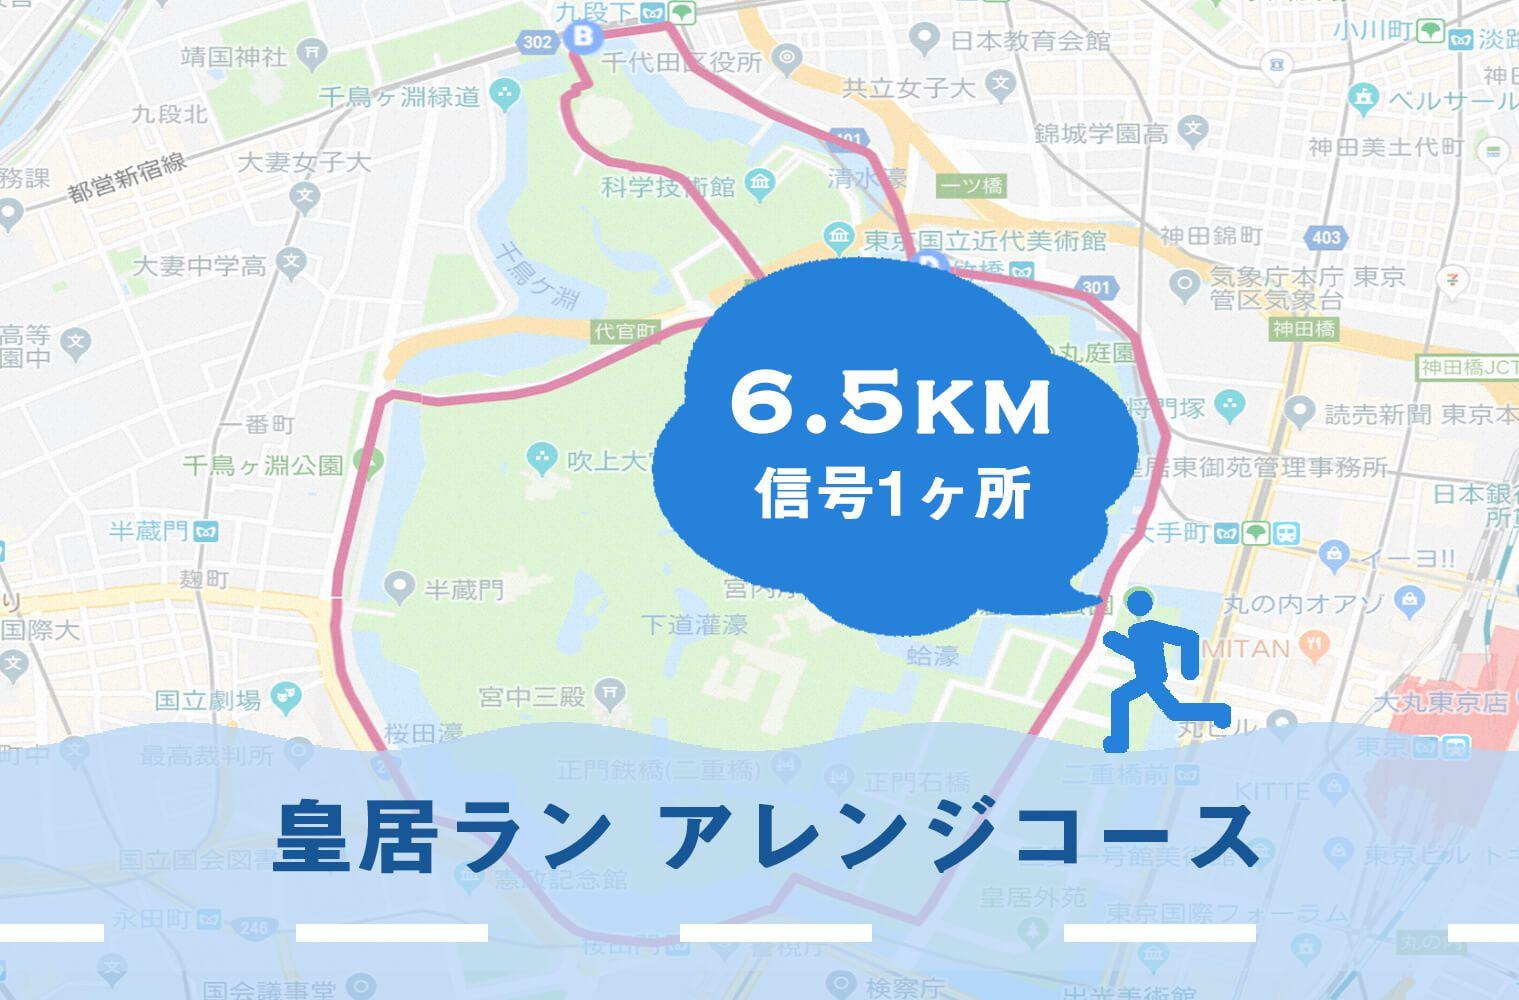 【6.5km】皇居ラン アレンジランニングコース(信号1ヶ所)の写真付きガイド